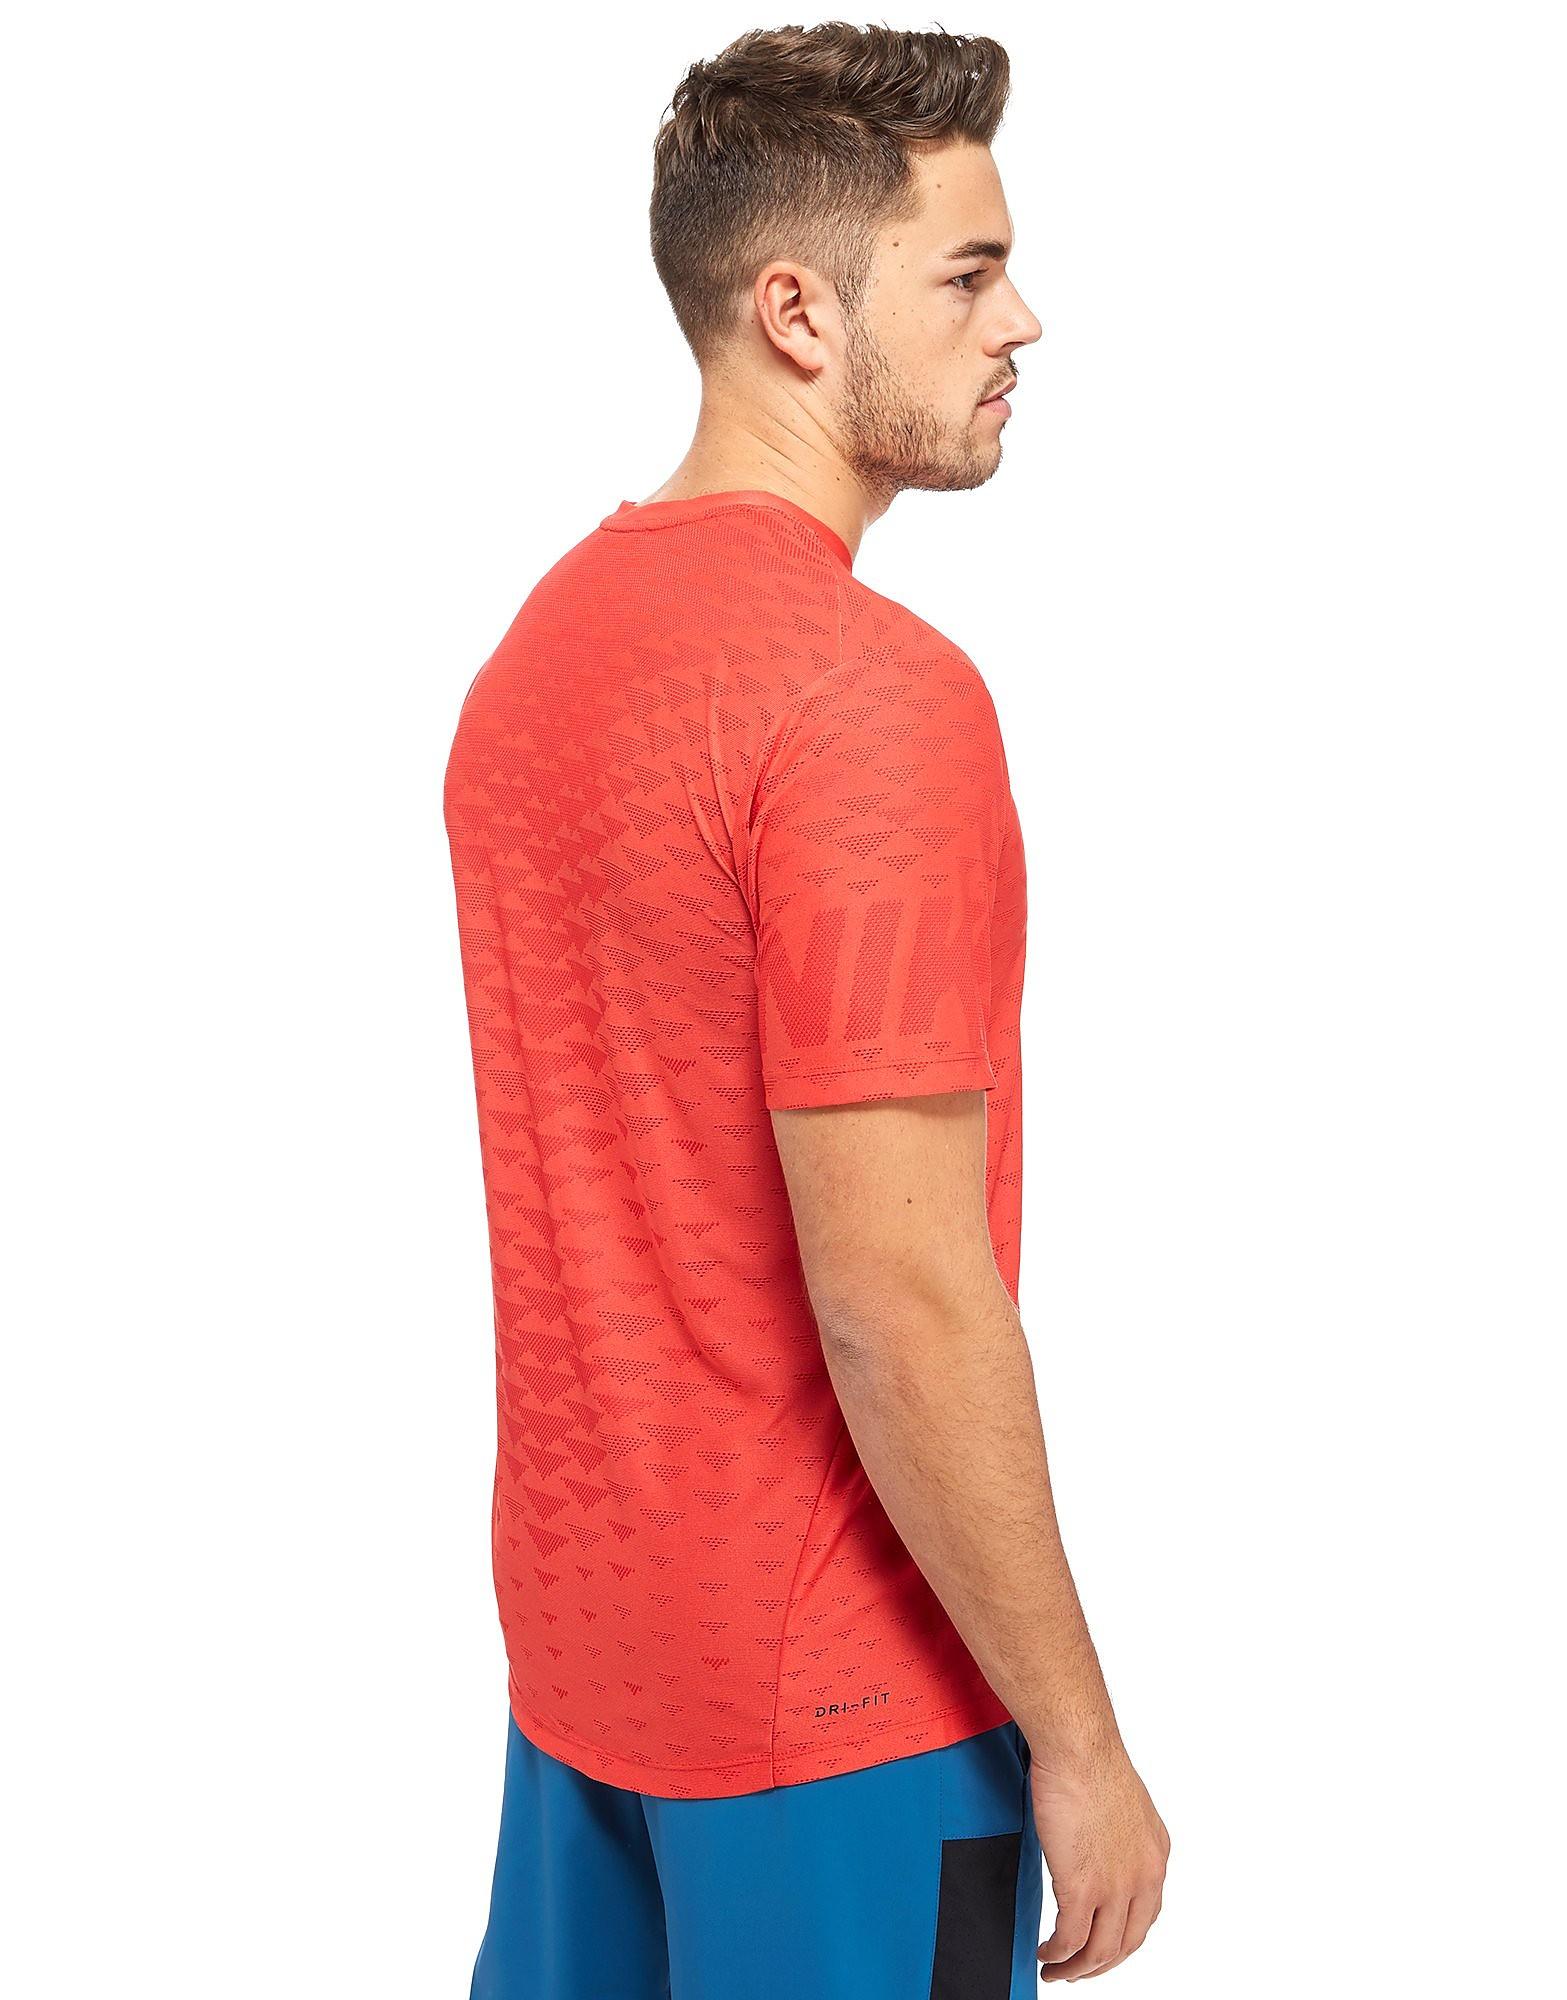 Nike Zonal Cooling T-Shirt